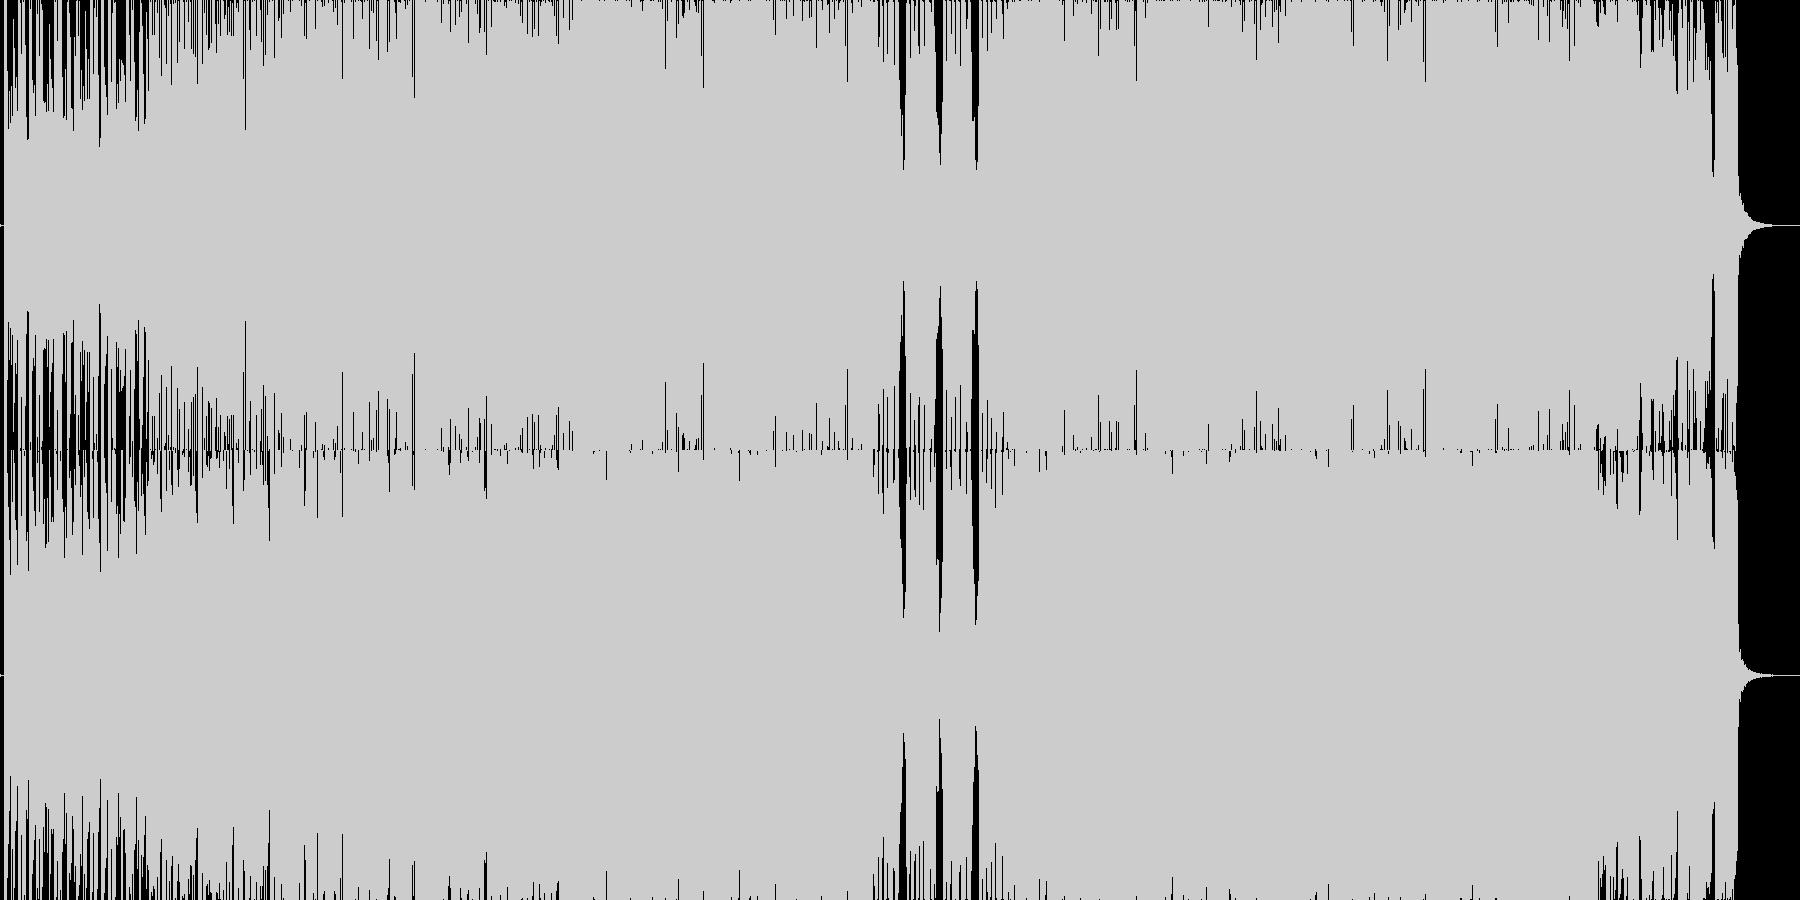 空飛ぶ映像クールな映像に合うロックの未再生の波形